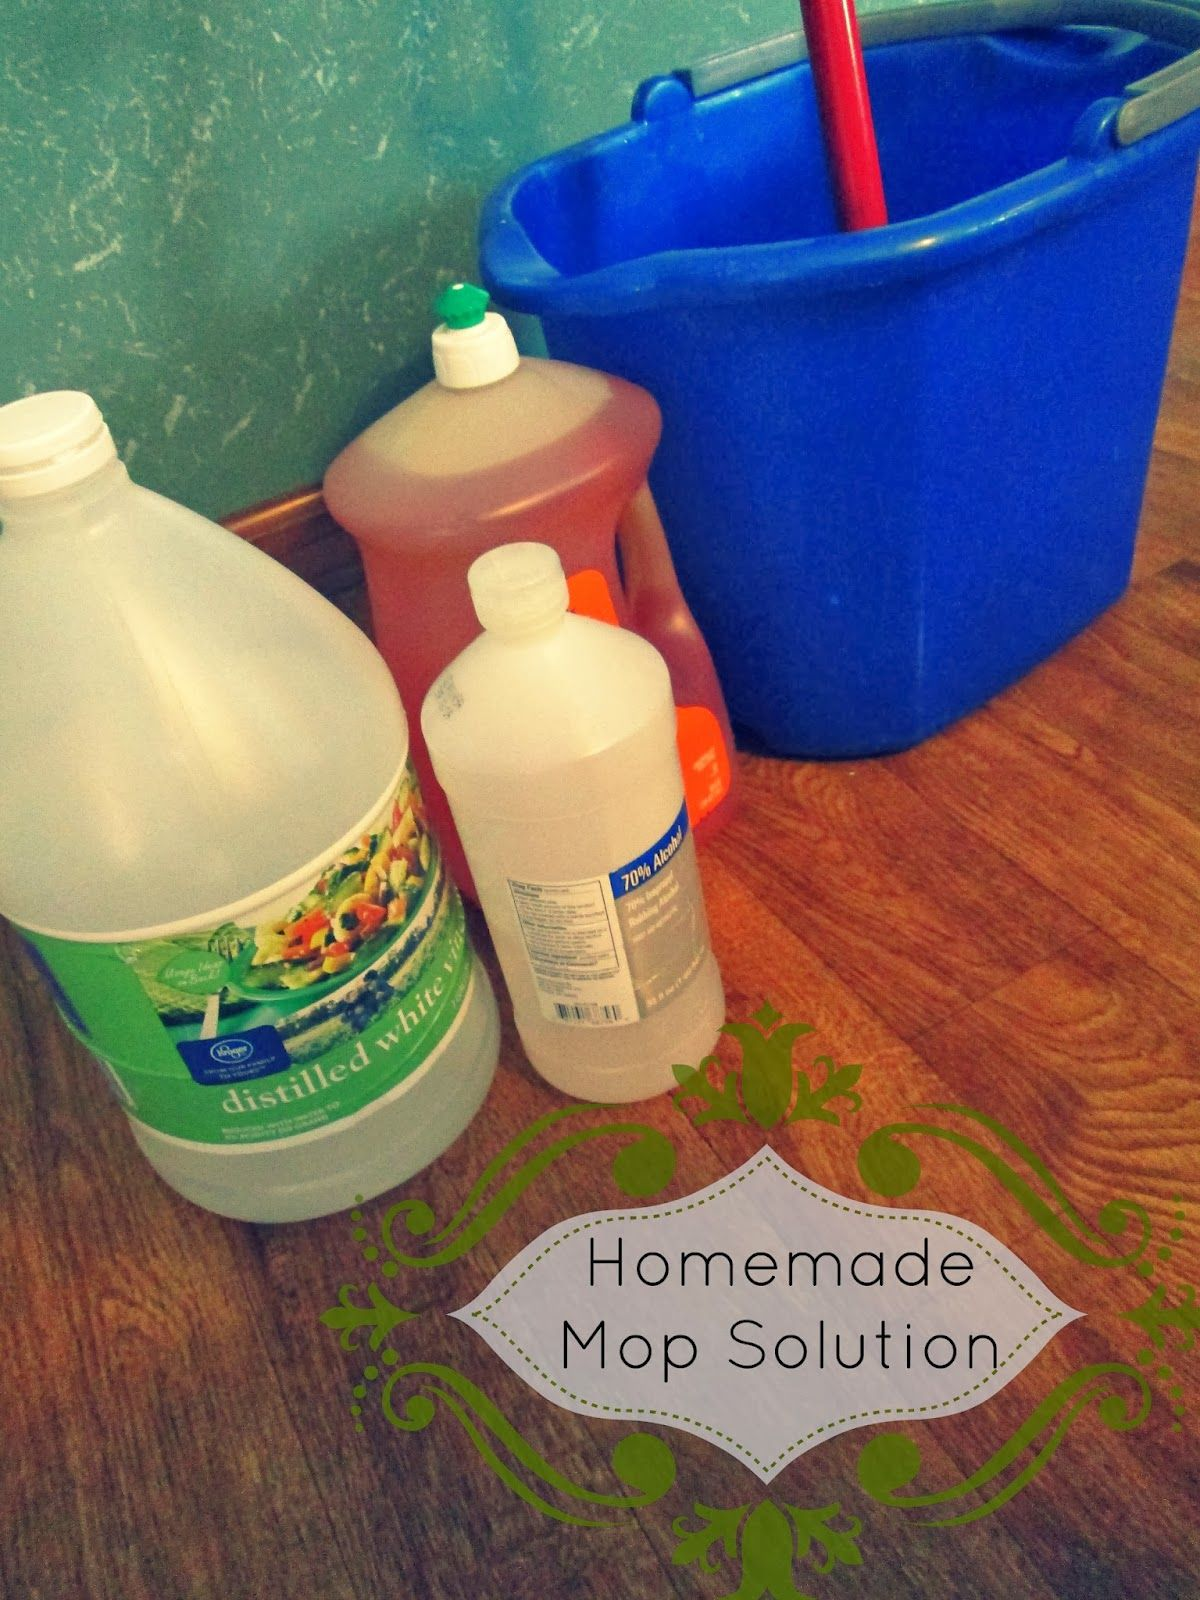 Homemade Mop Solution Mop Solution Homemade Diy